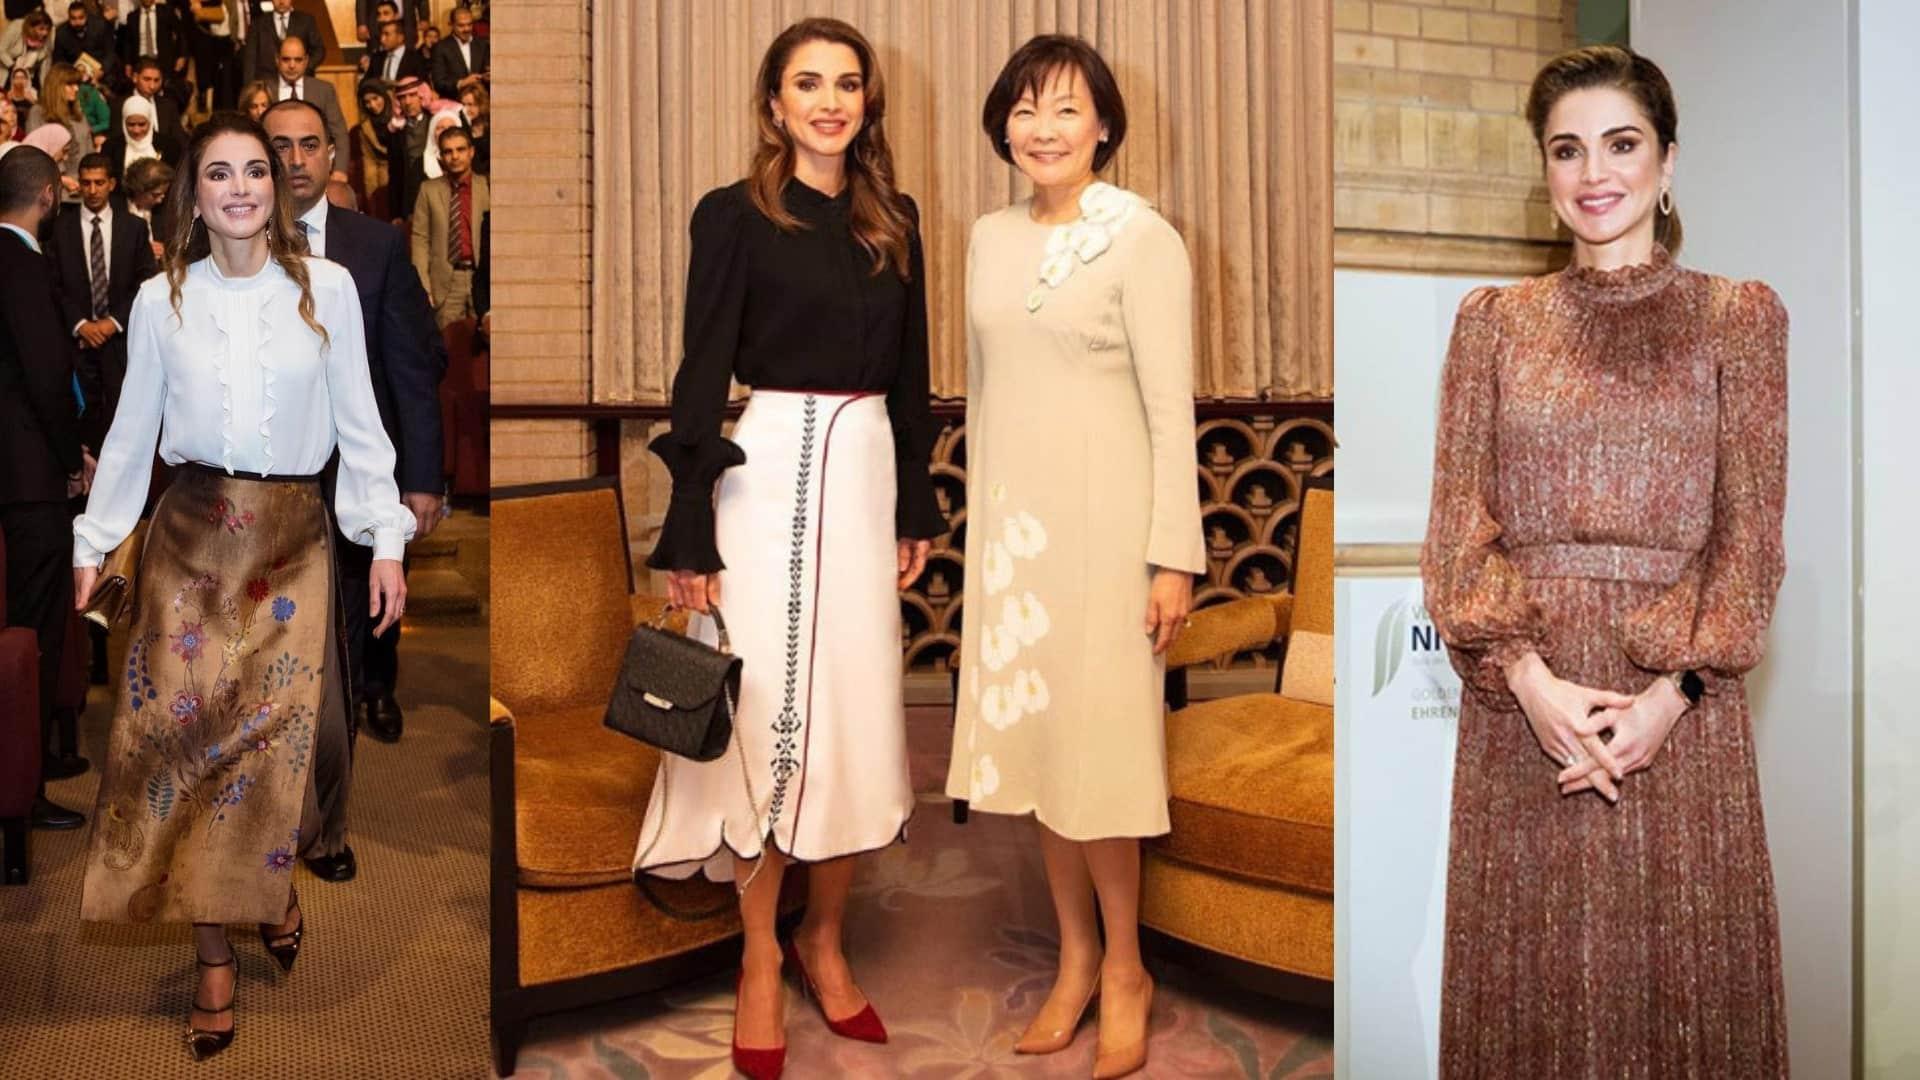 Gọi tên những biểu tượng thời trang Hoàng gia thế giới, có người mặc đẹp lấn át Công nương Kate - 11